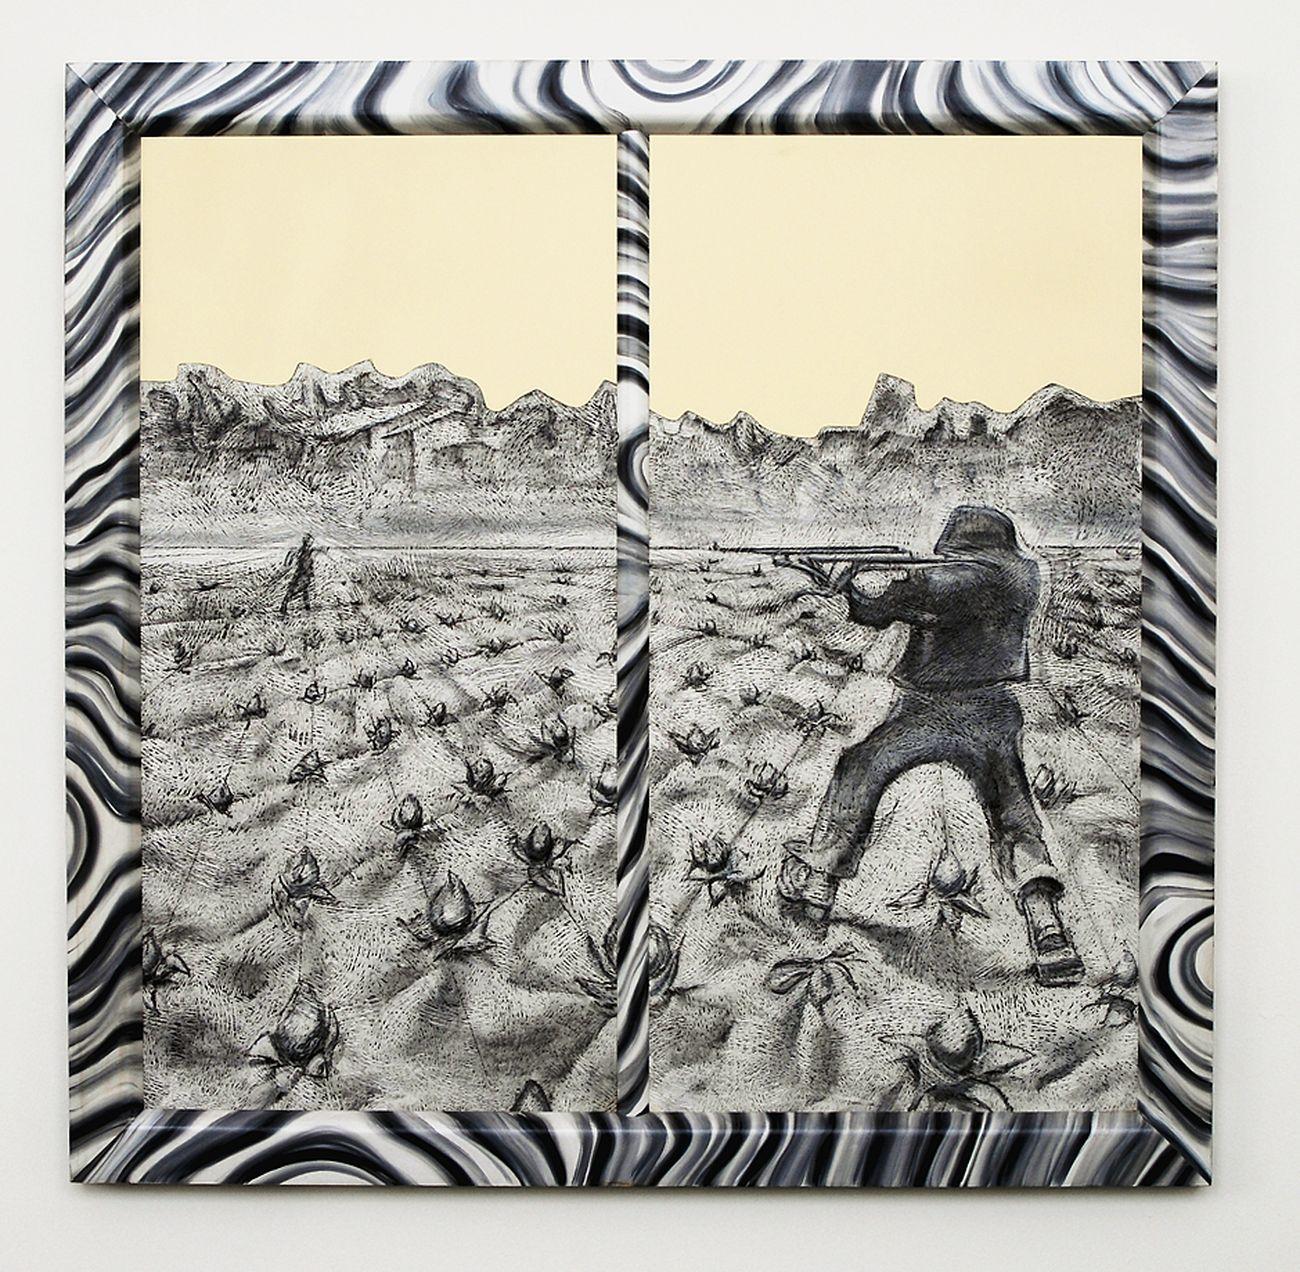 Richard Artschwager, Two Point Perspective, 1994. Heinz und Marianne Ebers Stiftung, Kunstmuseen Krefeld. Kunstmuseen Krefeld Dirk Rose © ARTOTHEK